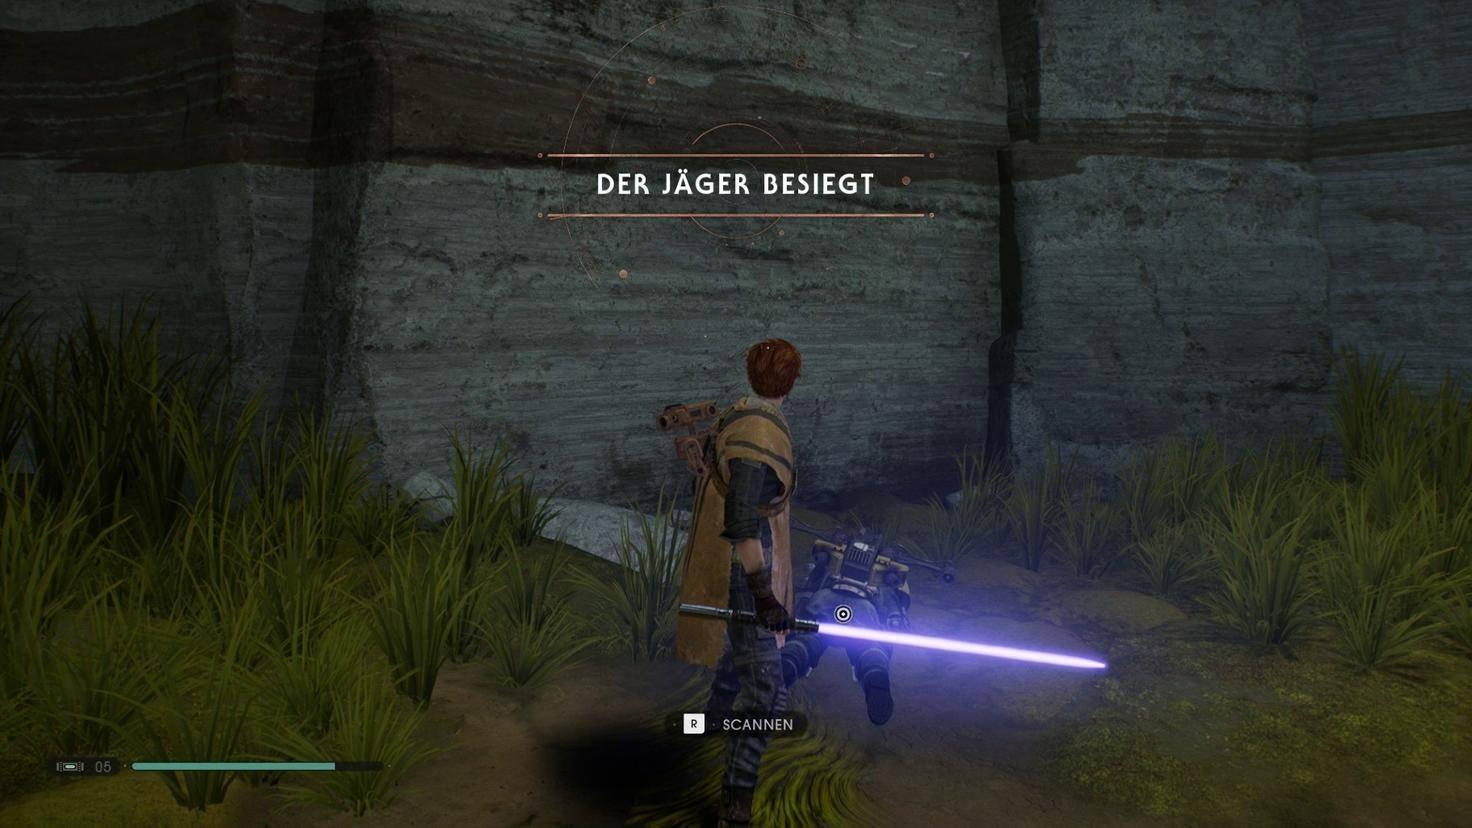 star-wars-jedi-fallen-order-jaeger-besiegt-screenshot